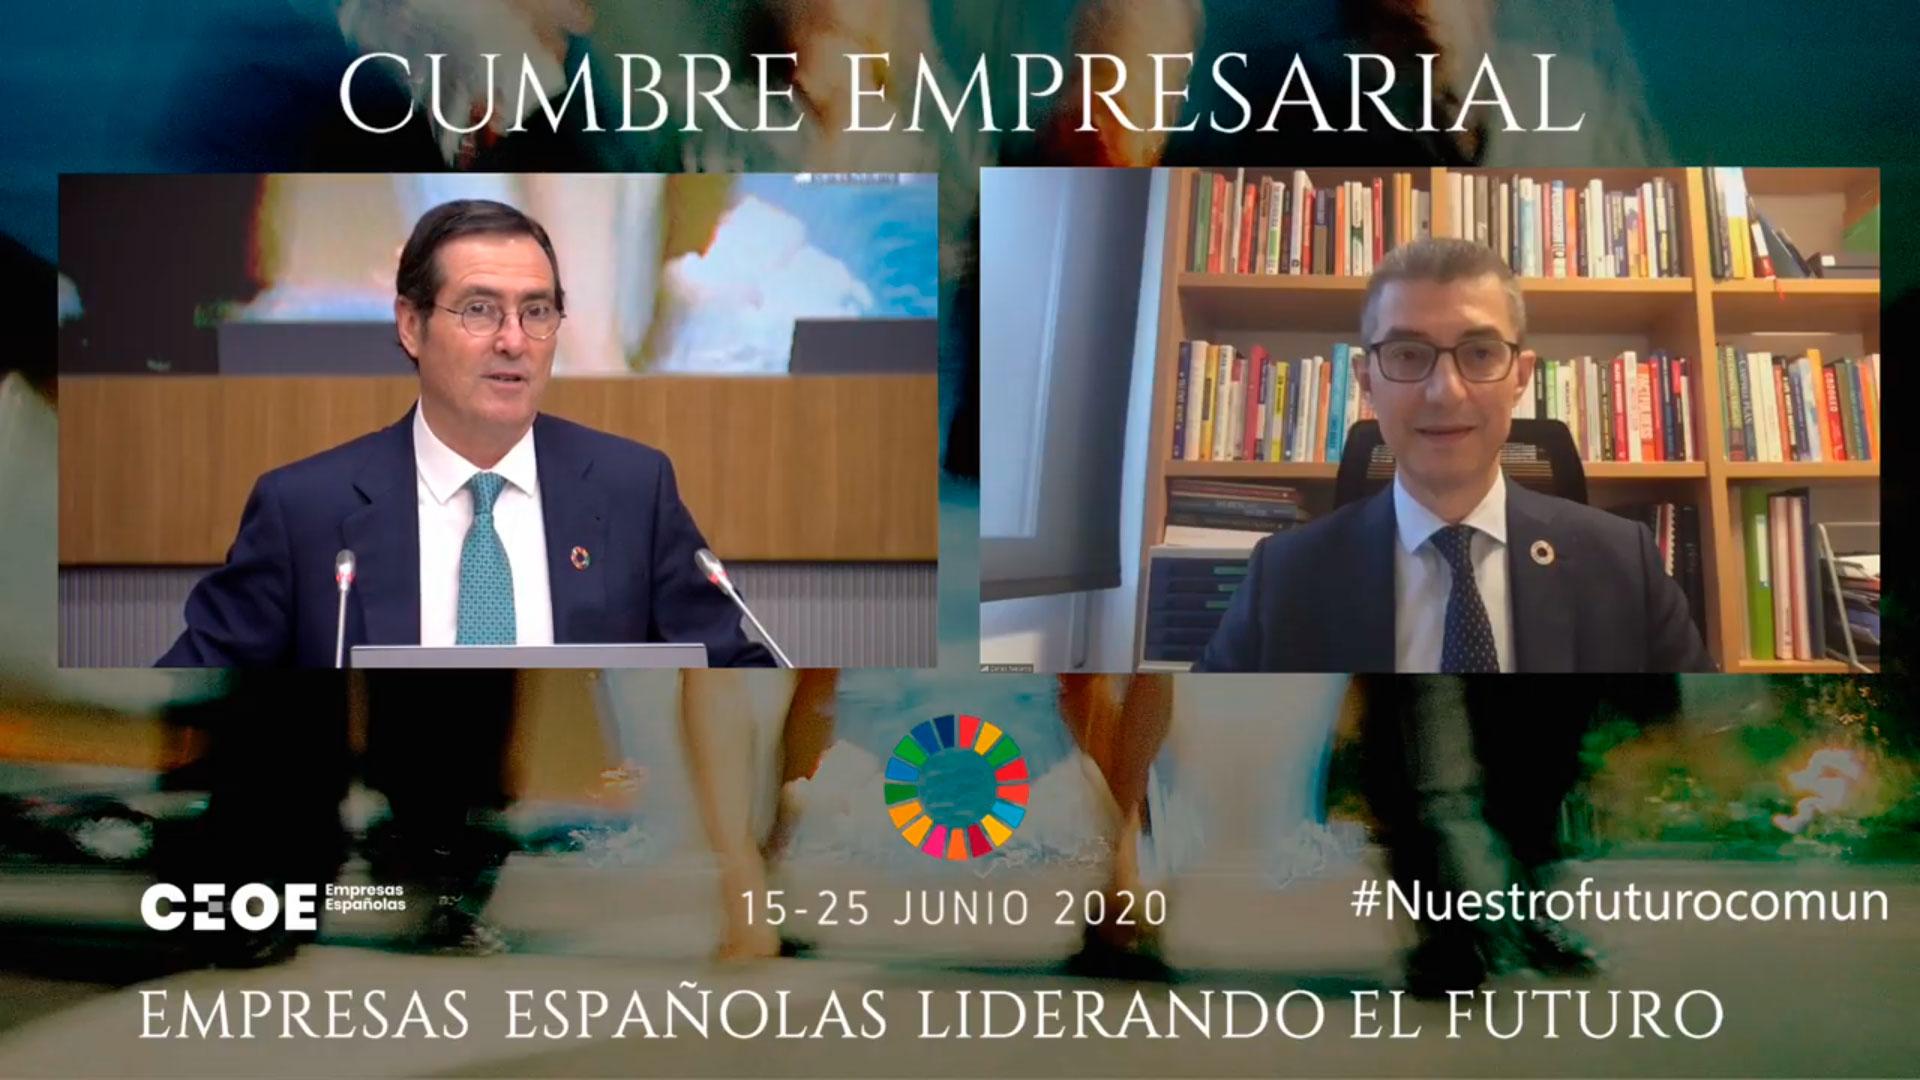 El presidente de Feique destaca a la industria química como sector clave para la recuperación económica de España en la Cumbre Empresarial de CEOE